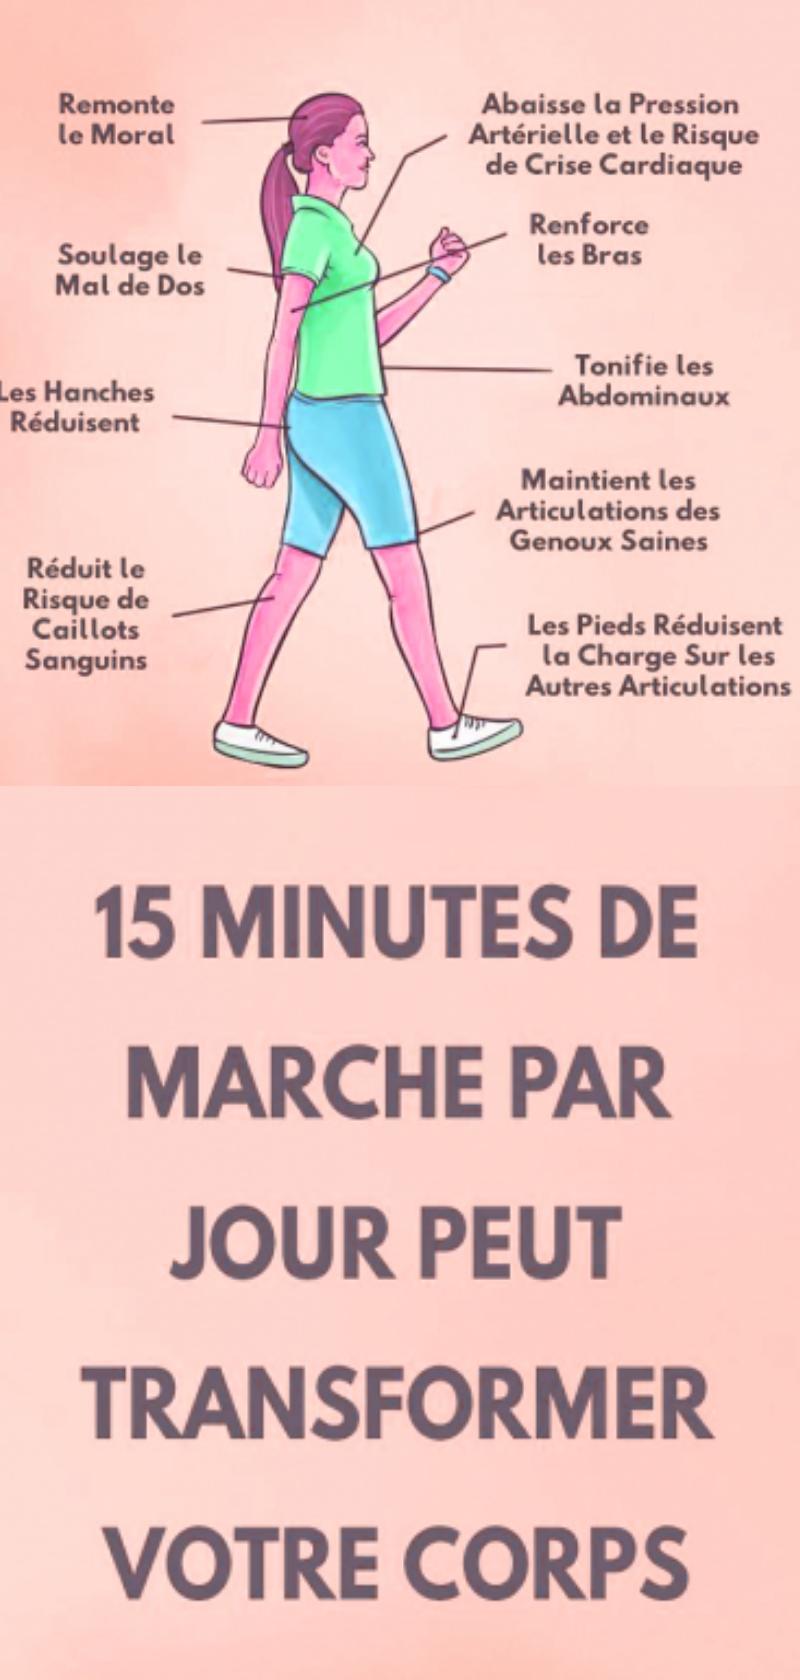 Marchez ! La santé accessible à tous